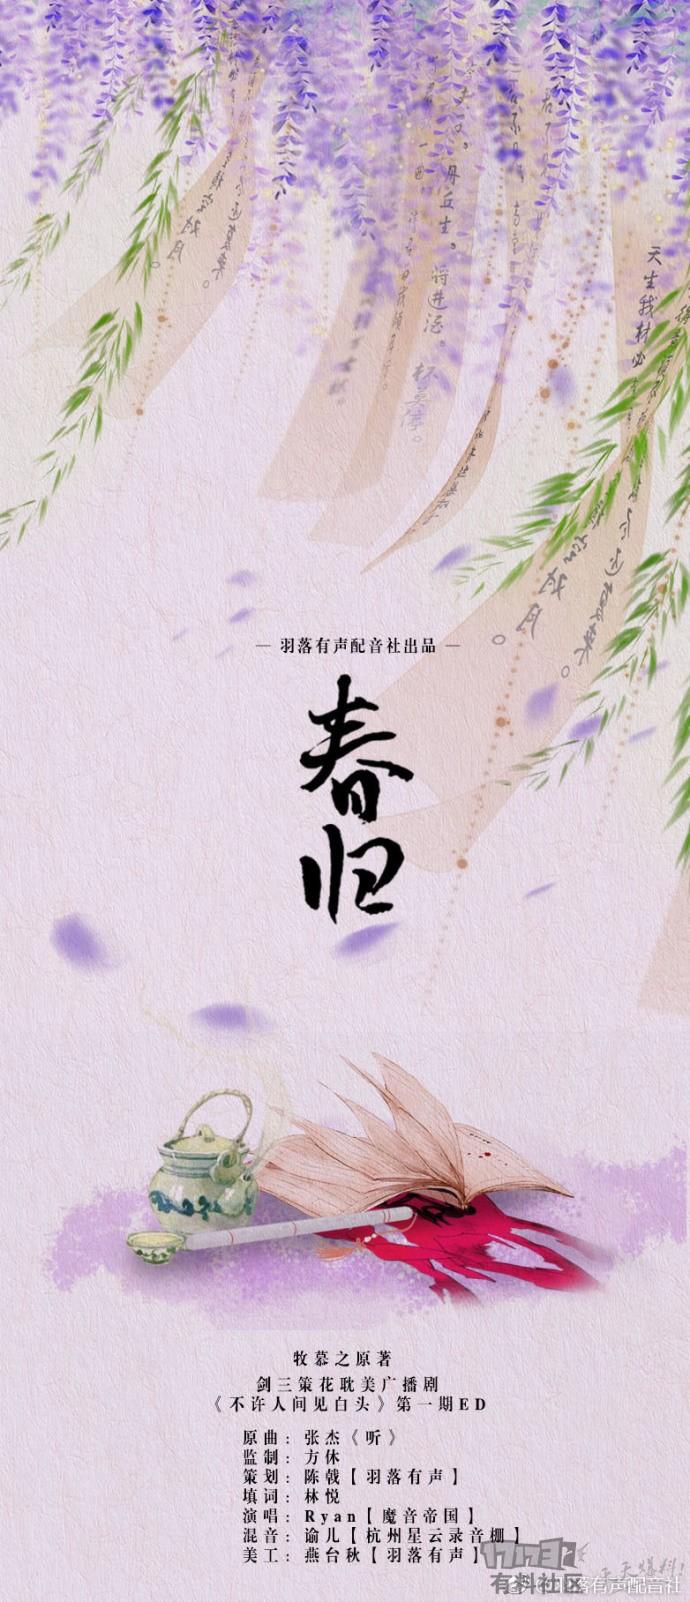 剑网3优秀音乐歌曲欣赏推荐 春归